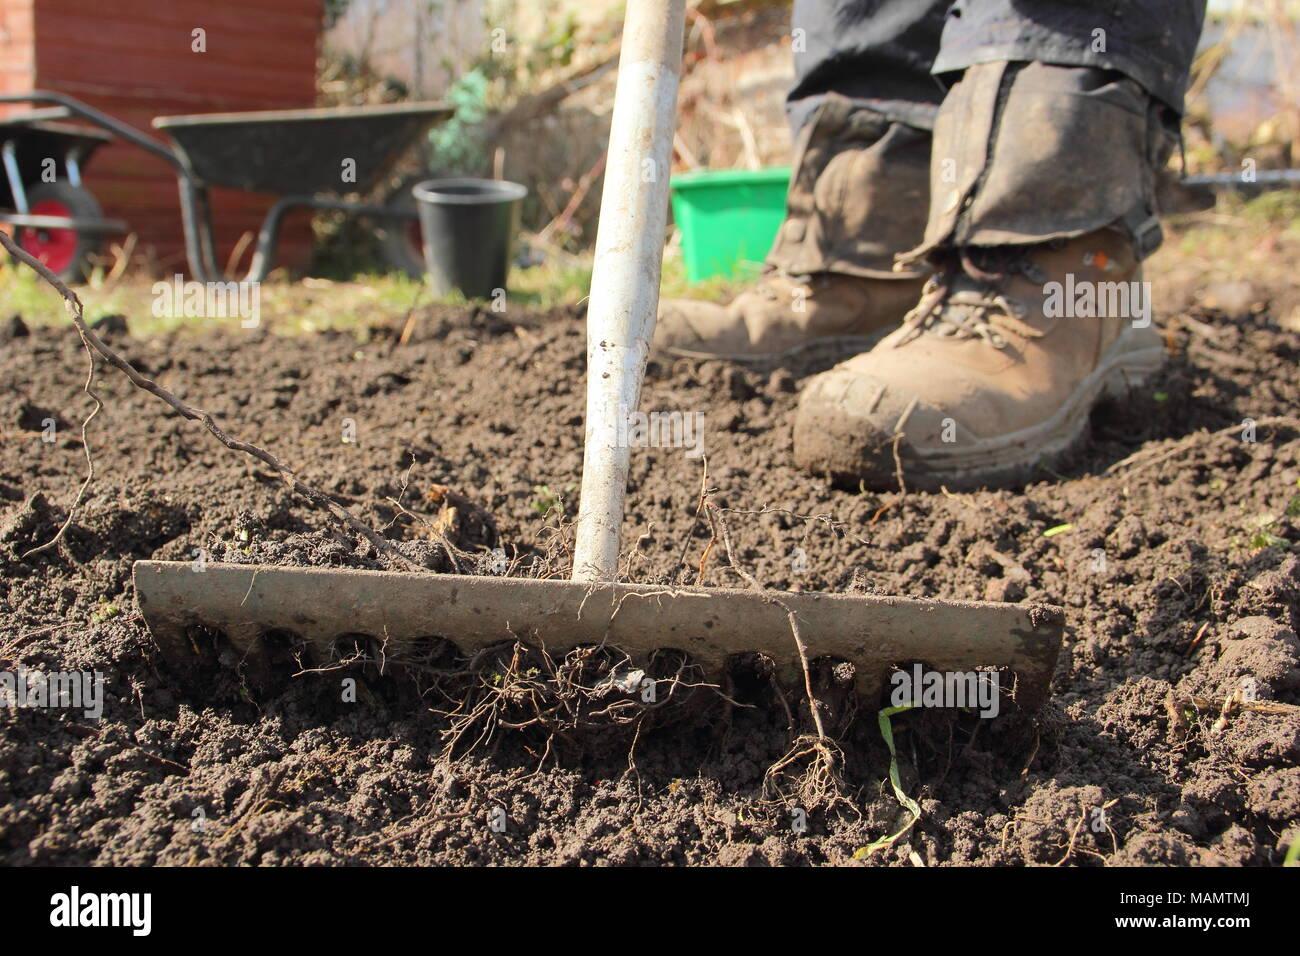 Chauffeur particulier à tête niveau utilise râteau pour briser le sol et retirer les mauvaises herbes dans un lit de légumes à l'avance de la plantation, au début du printemps, UK Photo Stock